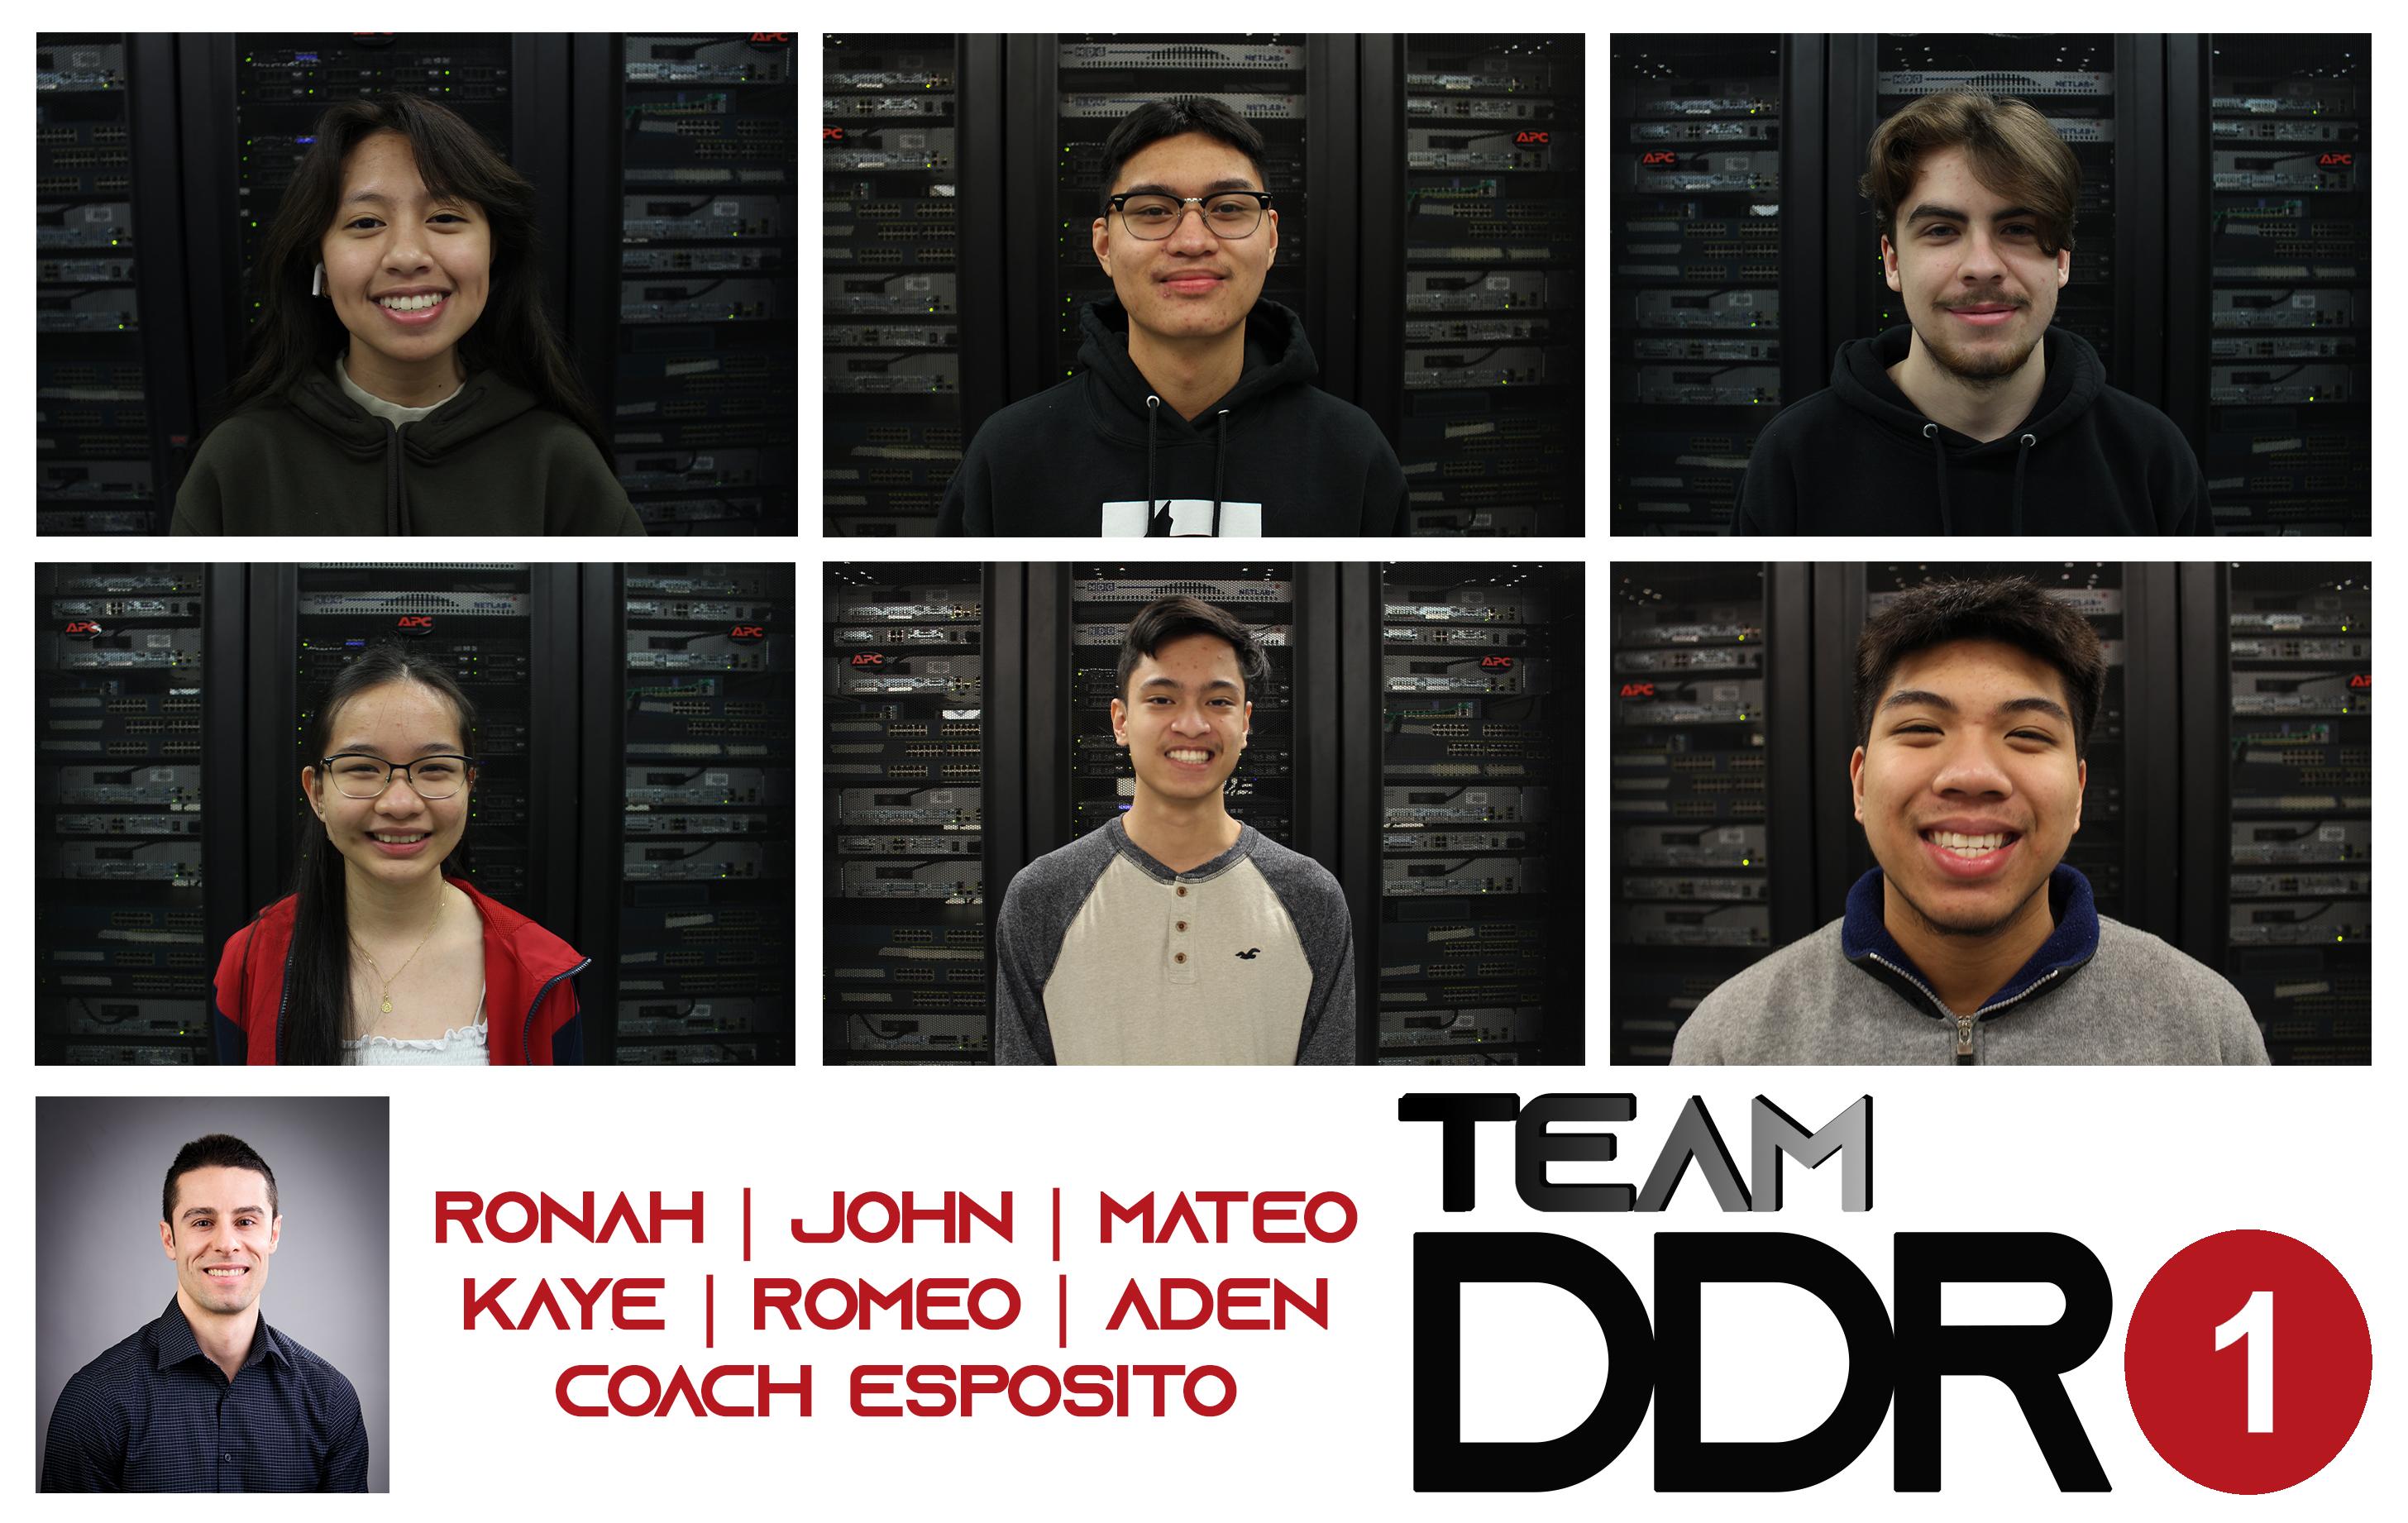 Meet the CyberTitans: Team DDR1